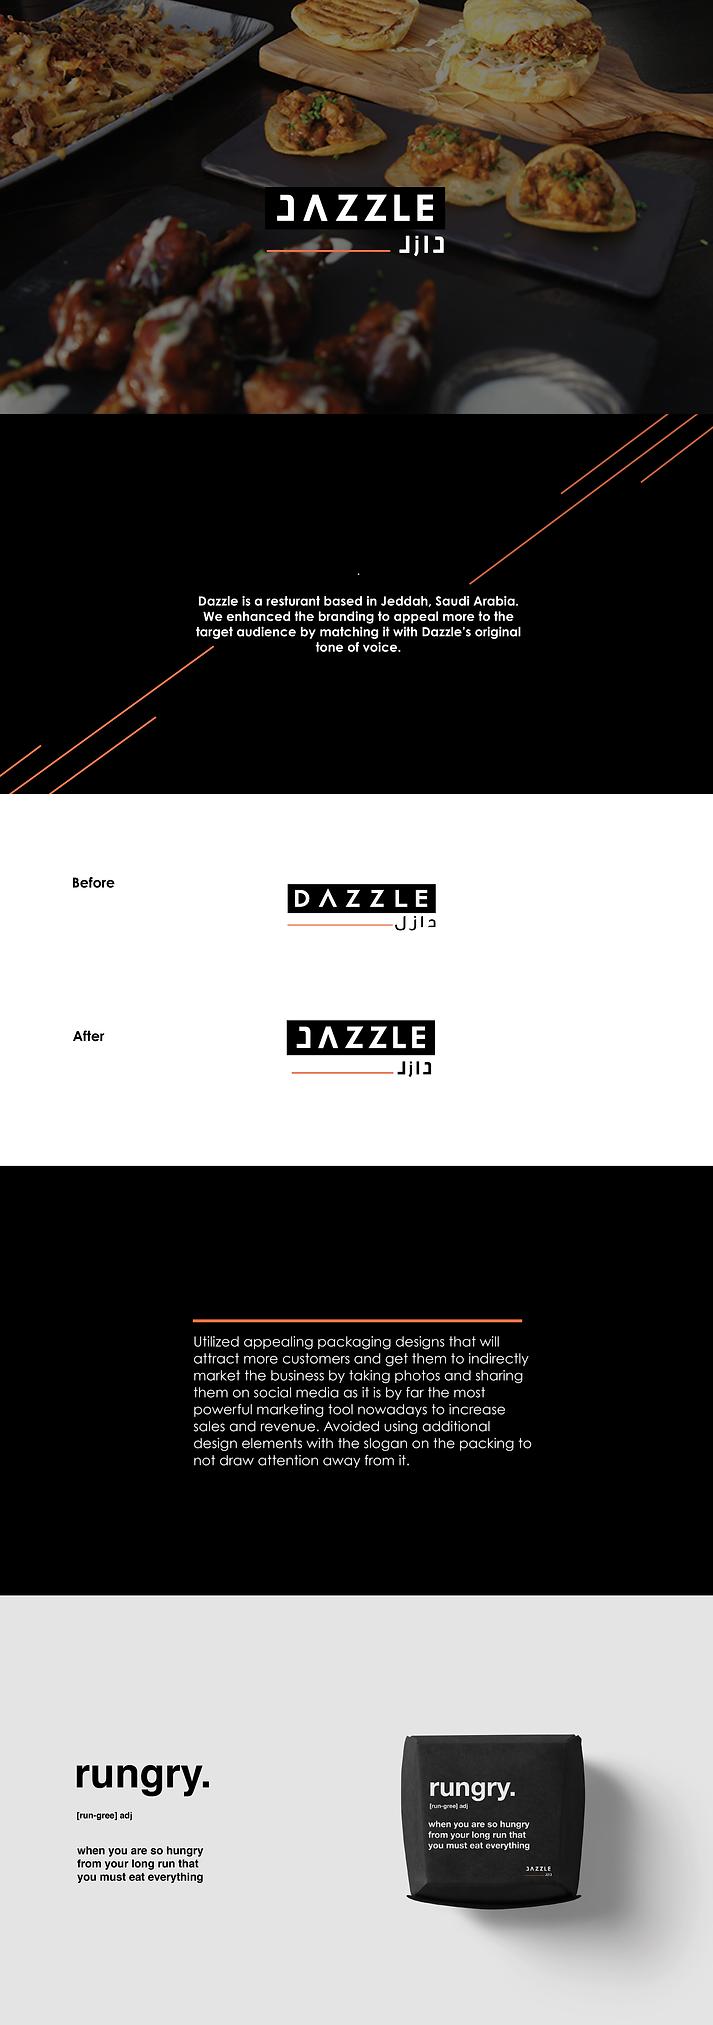 Dazzle resturant - work